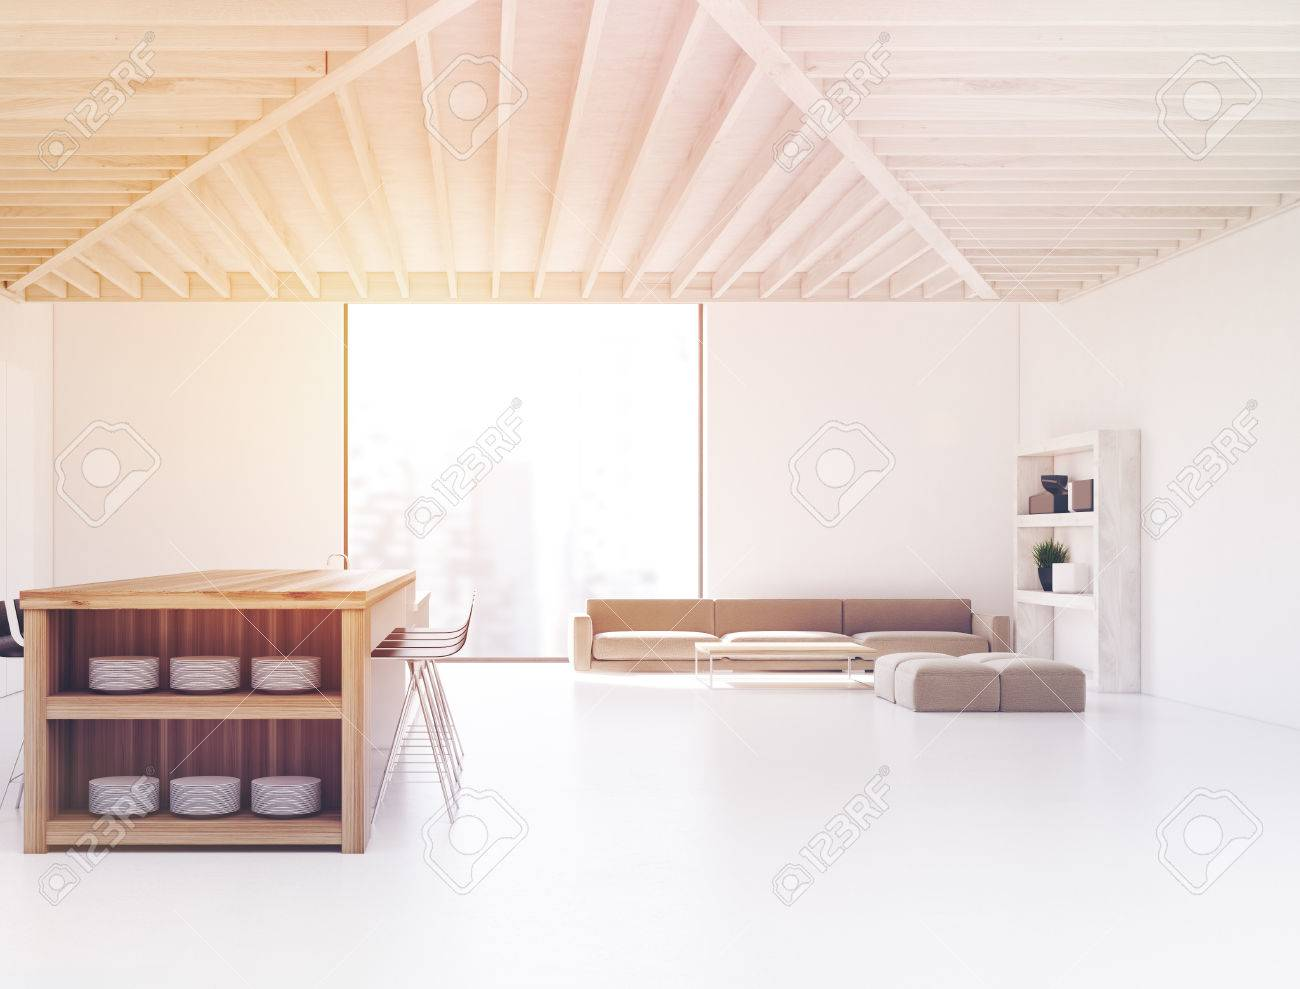 Immagini Stock - Studio Cucina E Salotto Interno Con Un Bar, Una ...